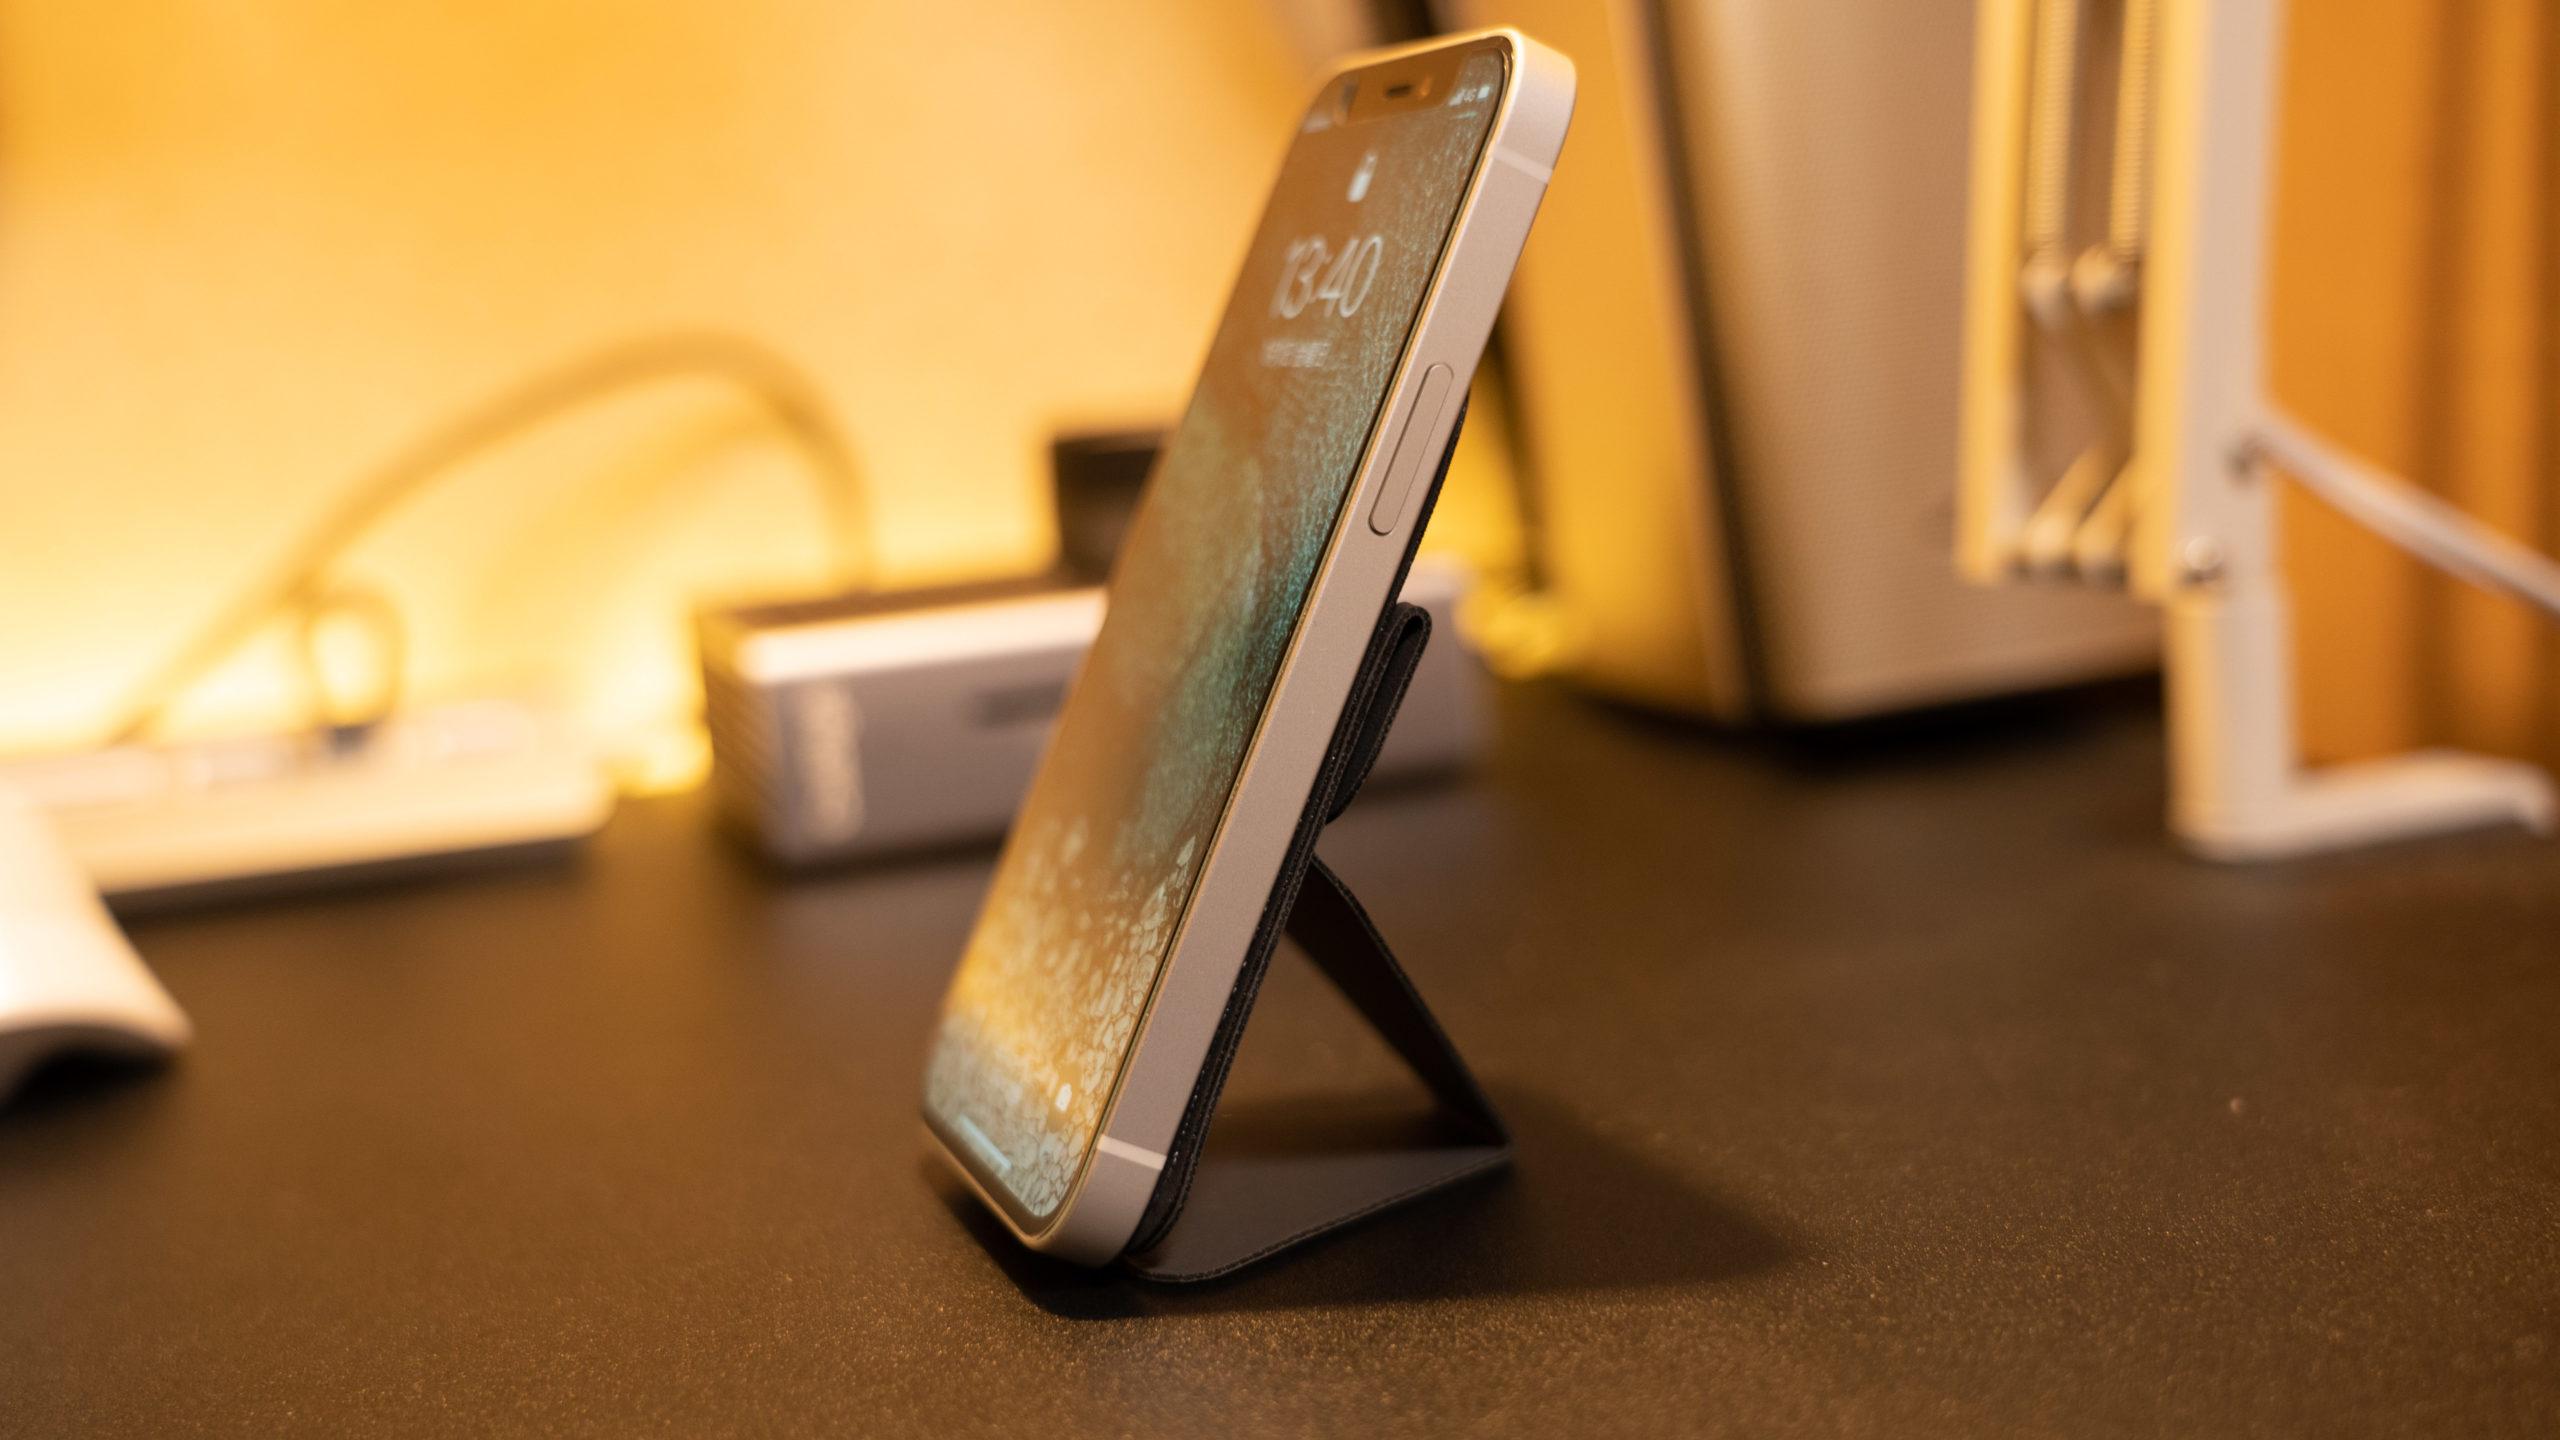 「Moft magsafeレビュー!iPhone12シリーズを使っている人にぜひ進めたいガジェット」のアイキャッチ画像